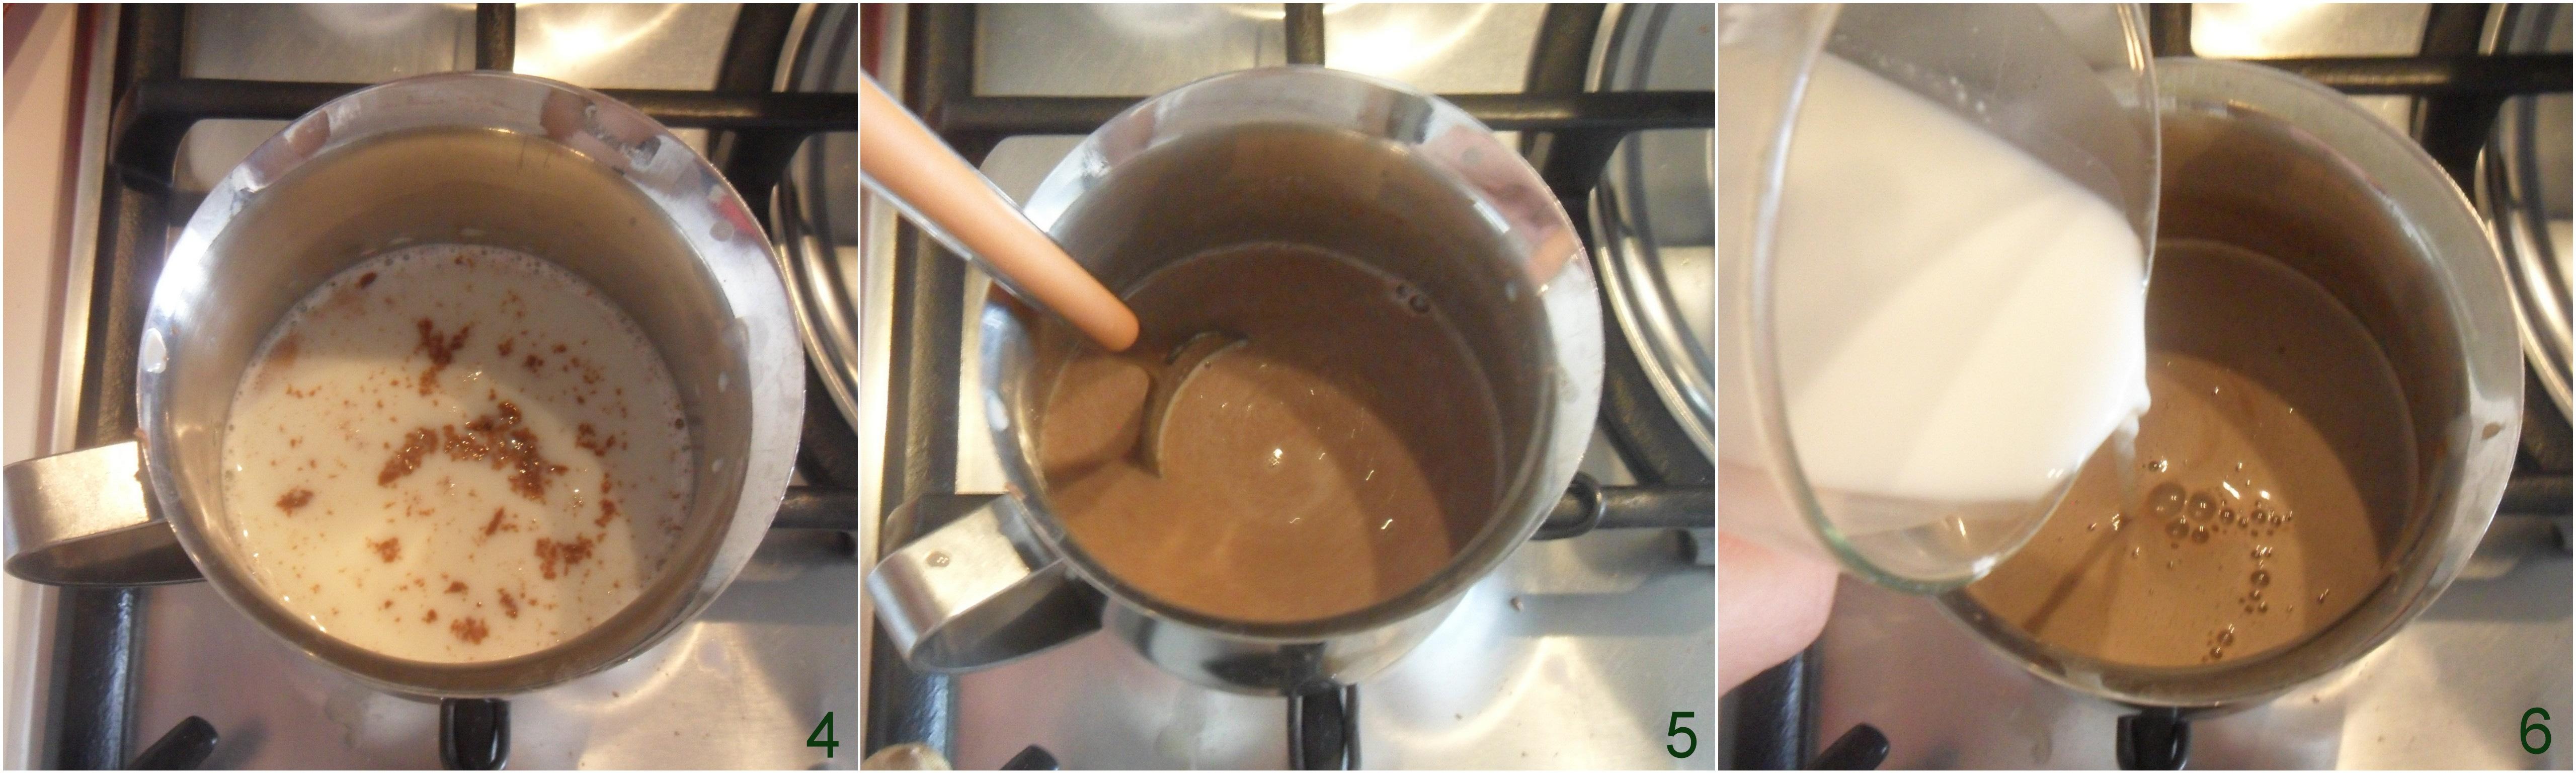 Budino al cioccolato al latte ricetta facile senza colla di pesce senza gelatina senza uova senza panna il chicco di mais 2 far addensare